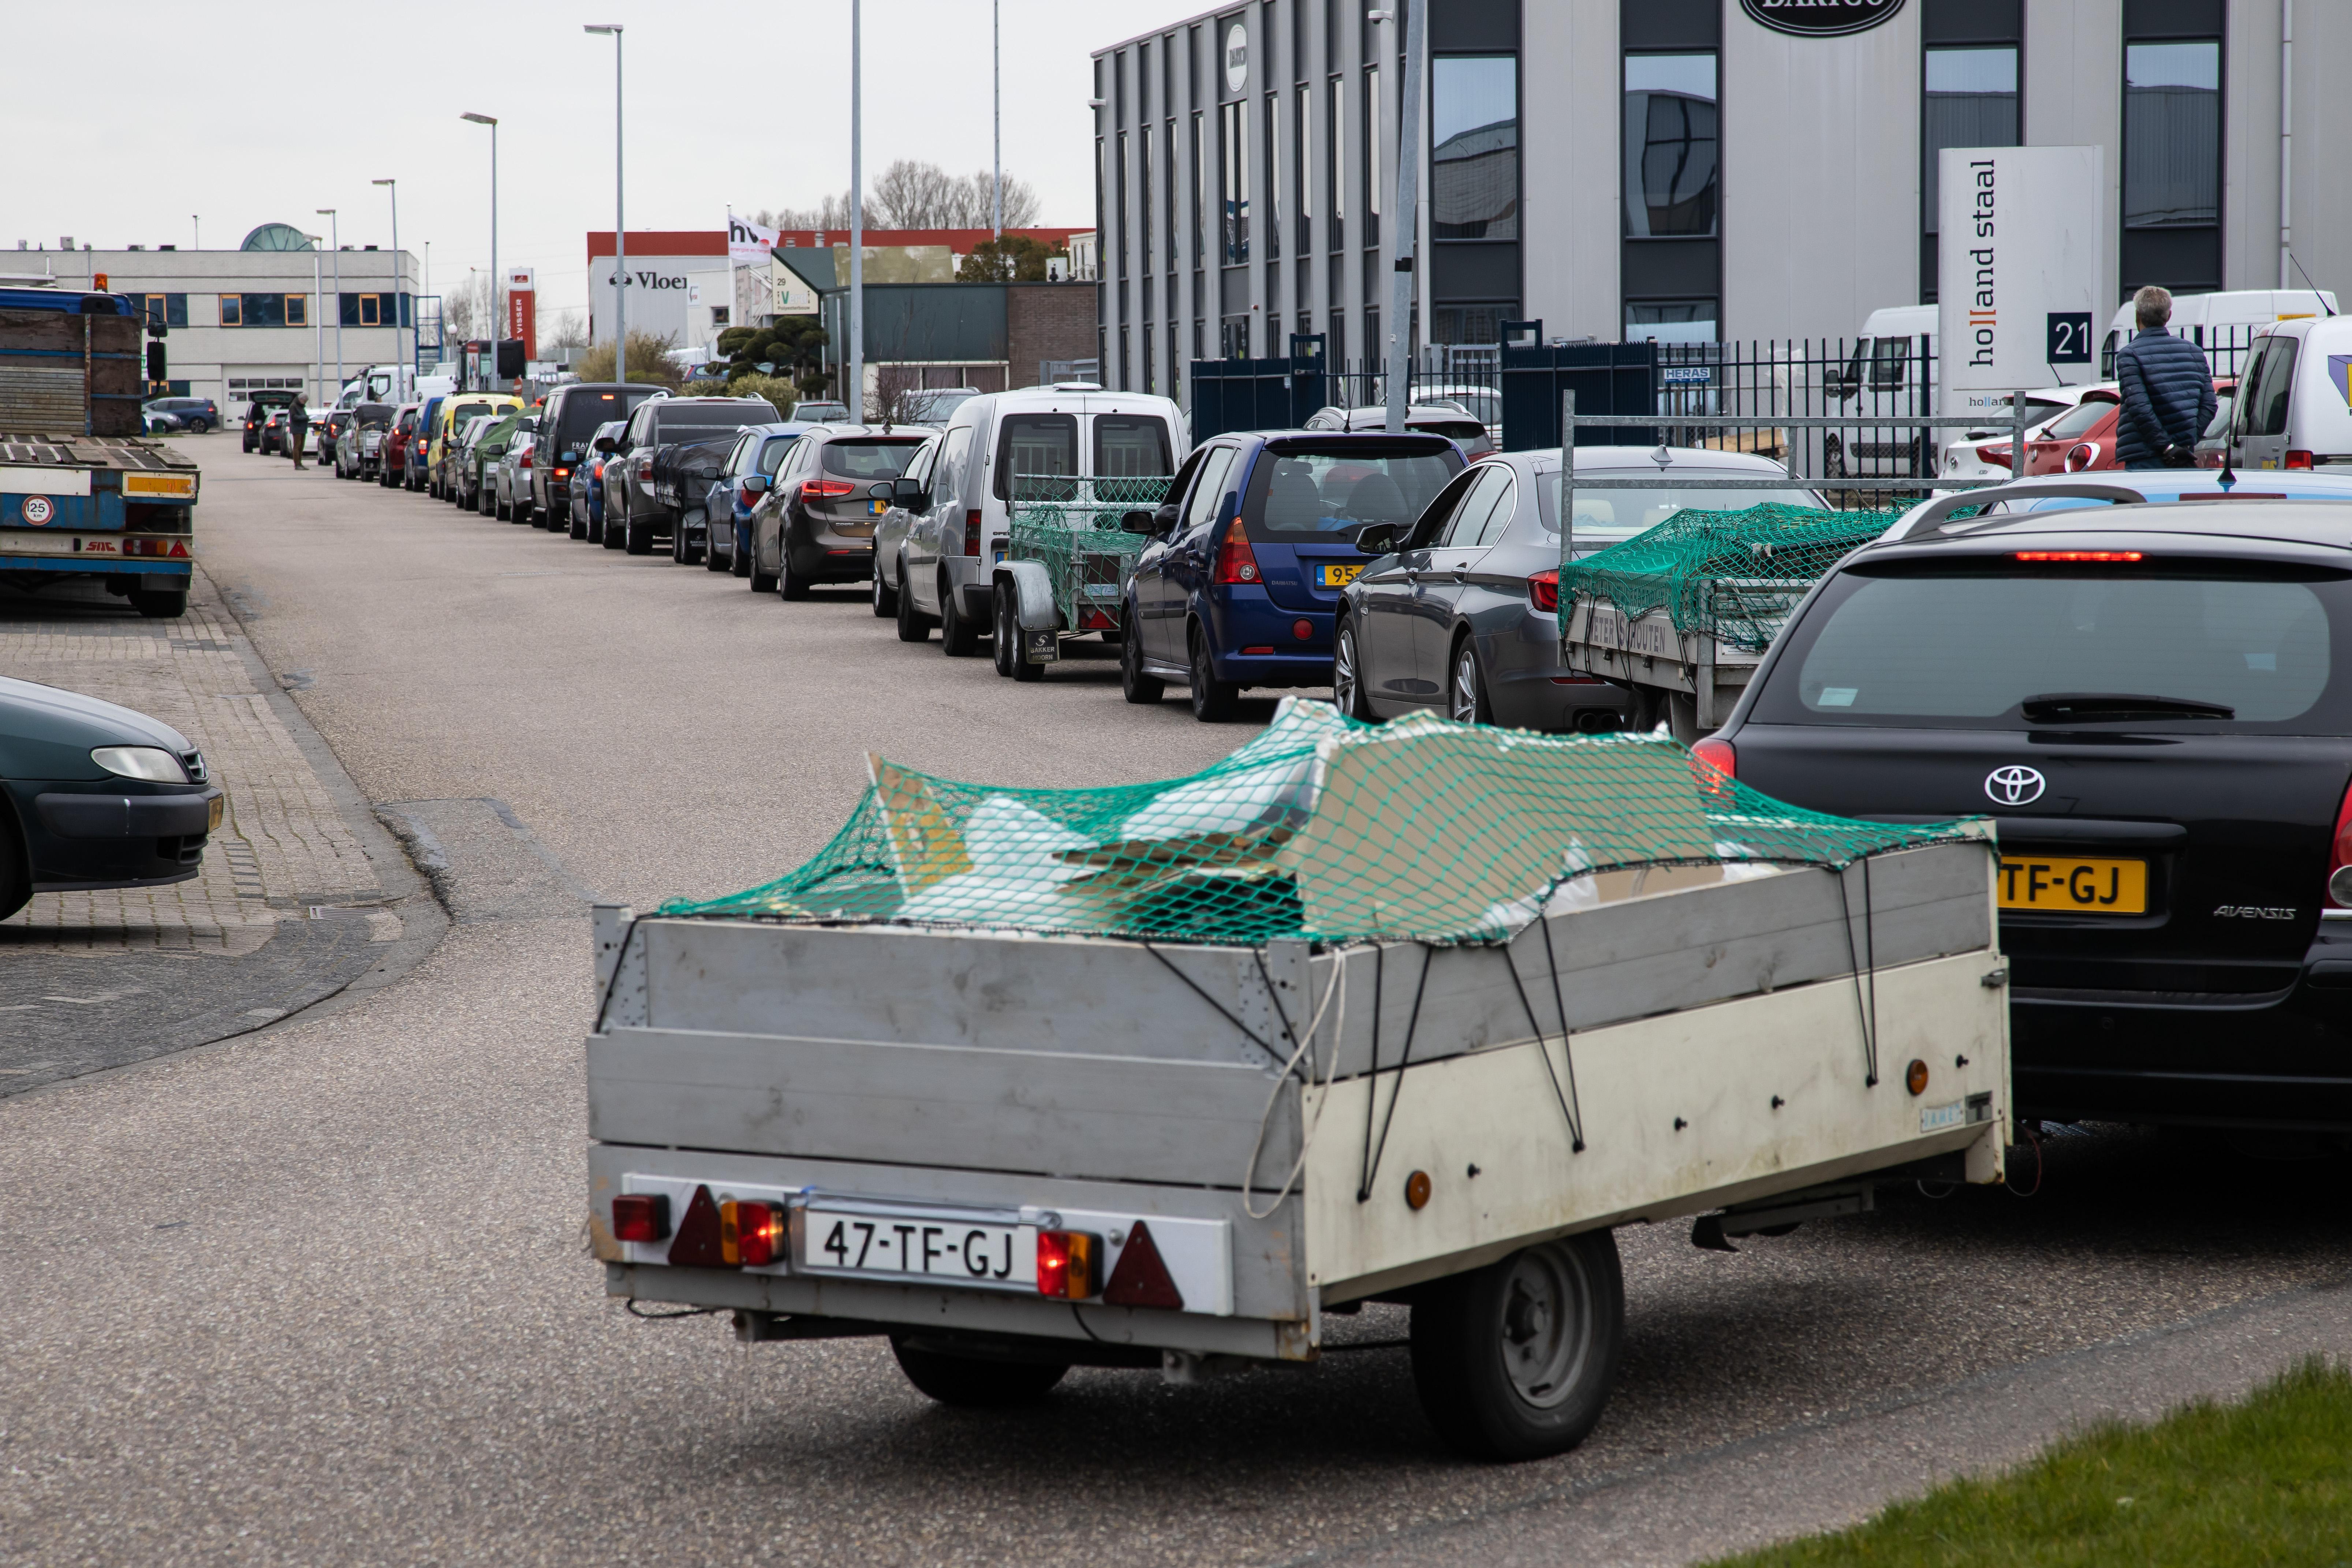 West-Friezen staan met hun grofvuil in de file voor de afvalbrengstations [video]